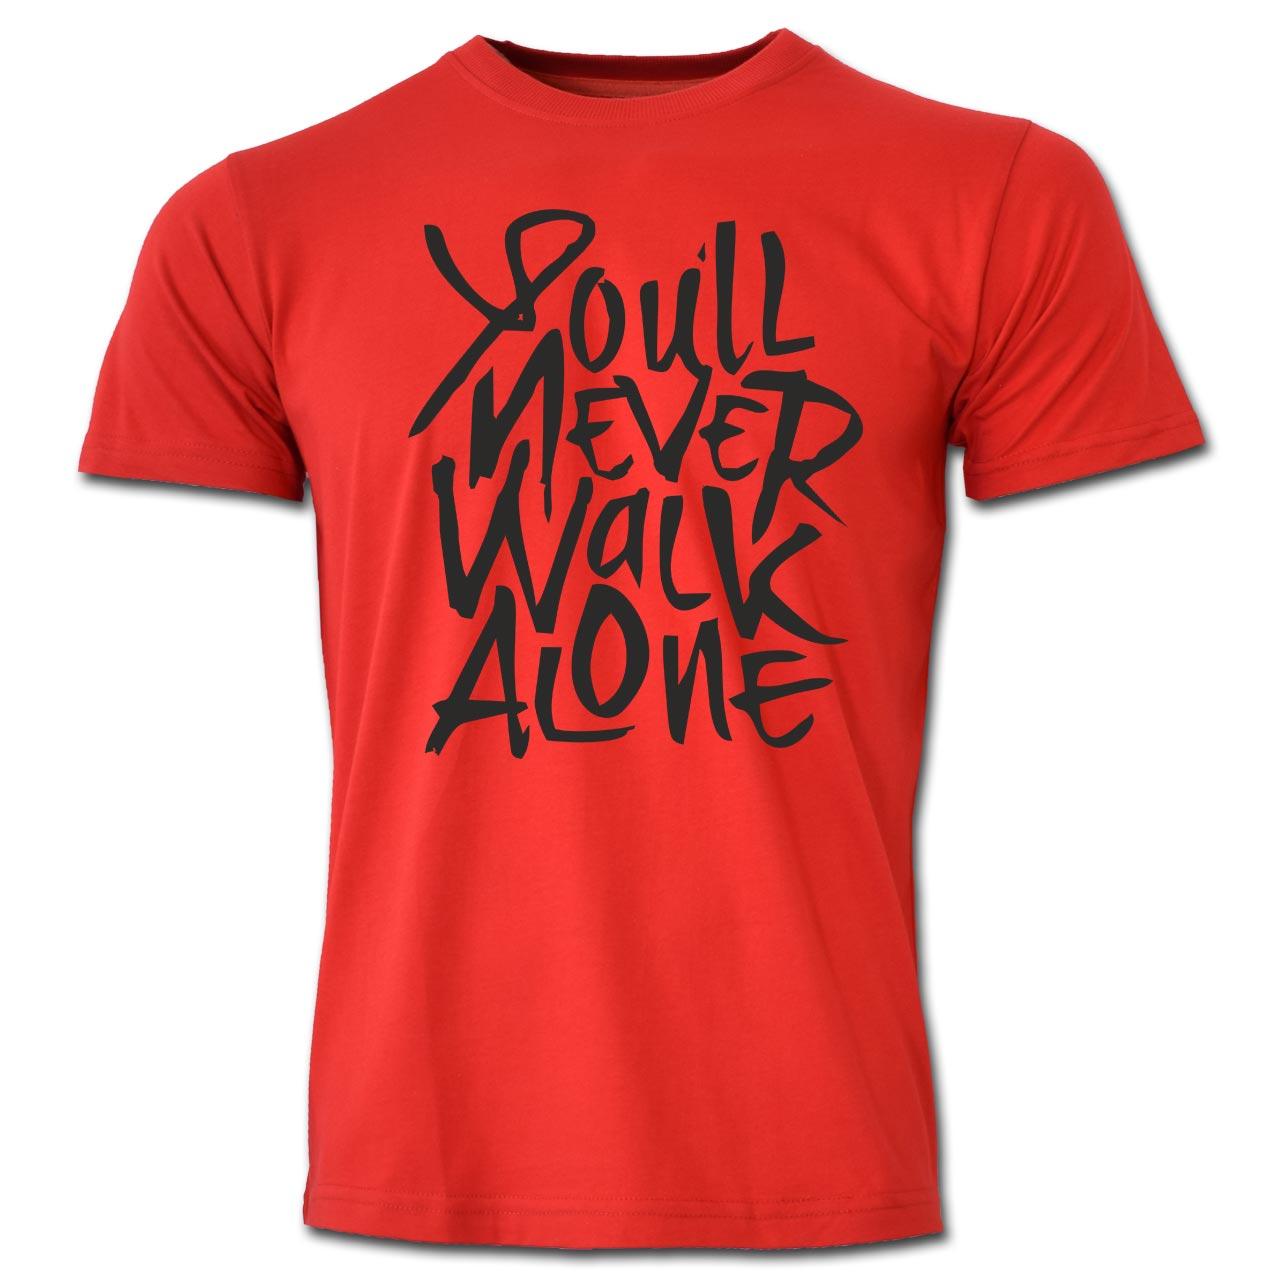 تی شرت مردانه طرح لیورپول کد 11A2